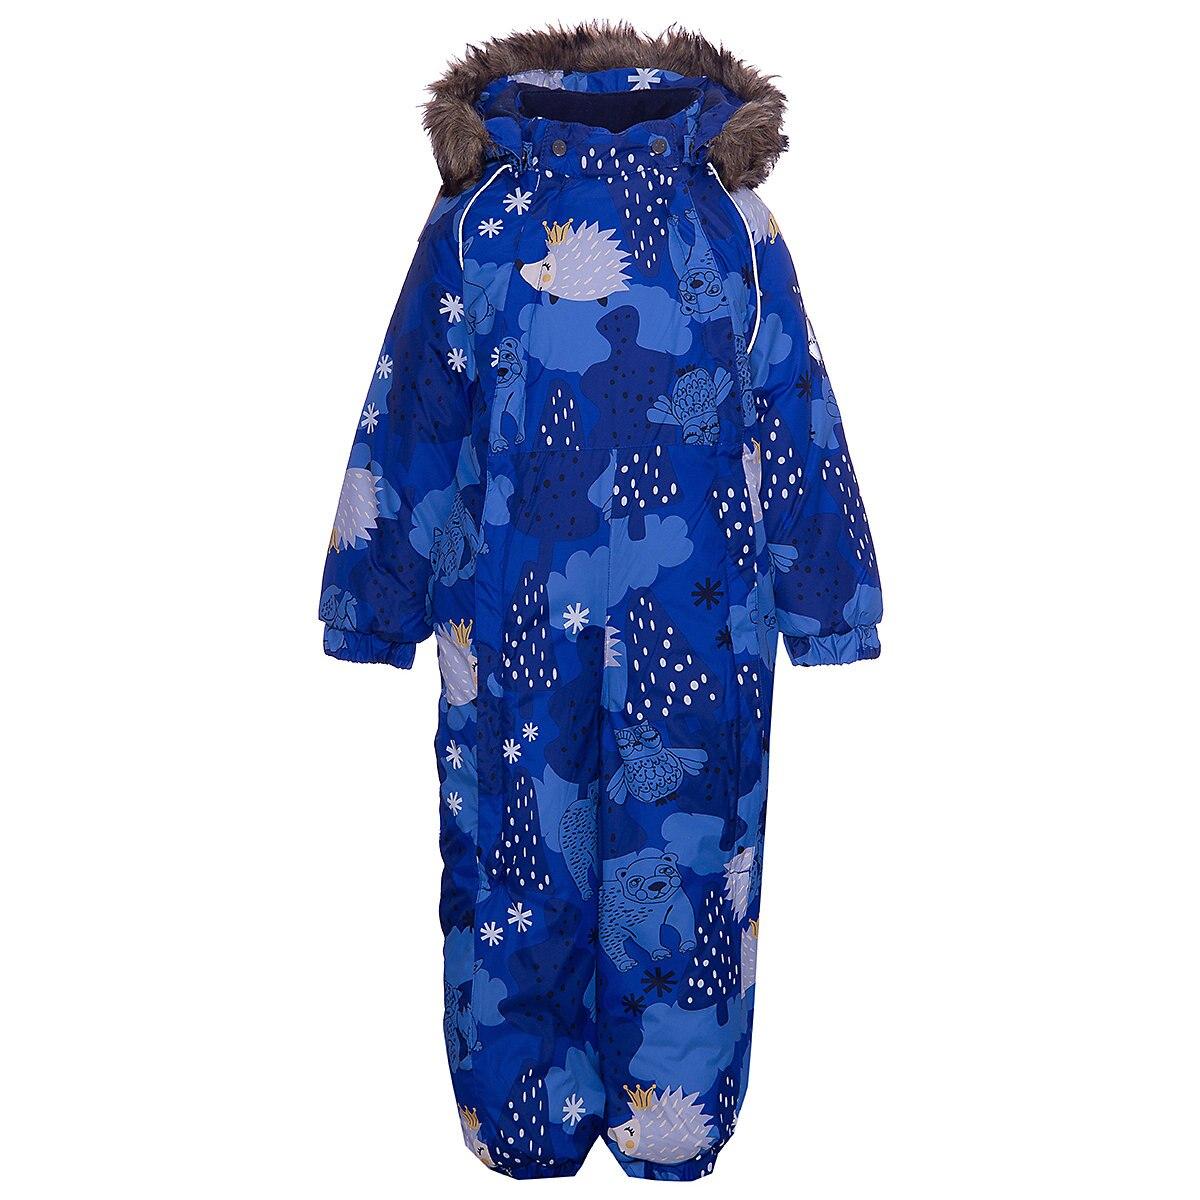 Salopette HUPPA pour garçons et filles 8959199 barboteuses bébé combinaison enfants vêtements enfants